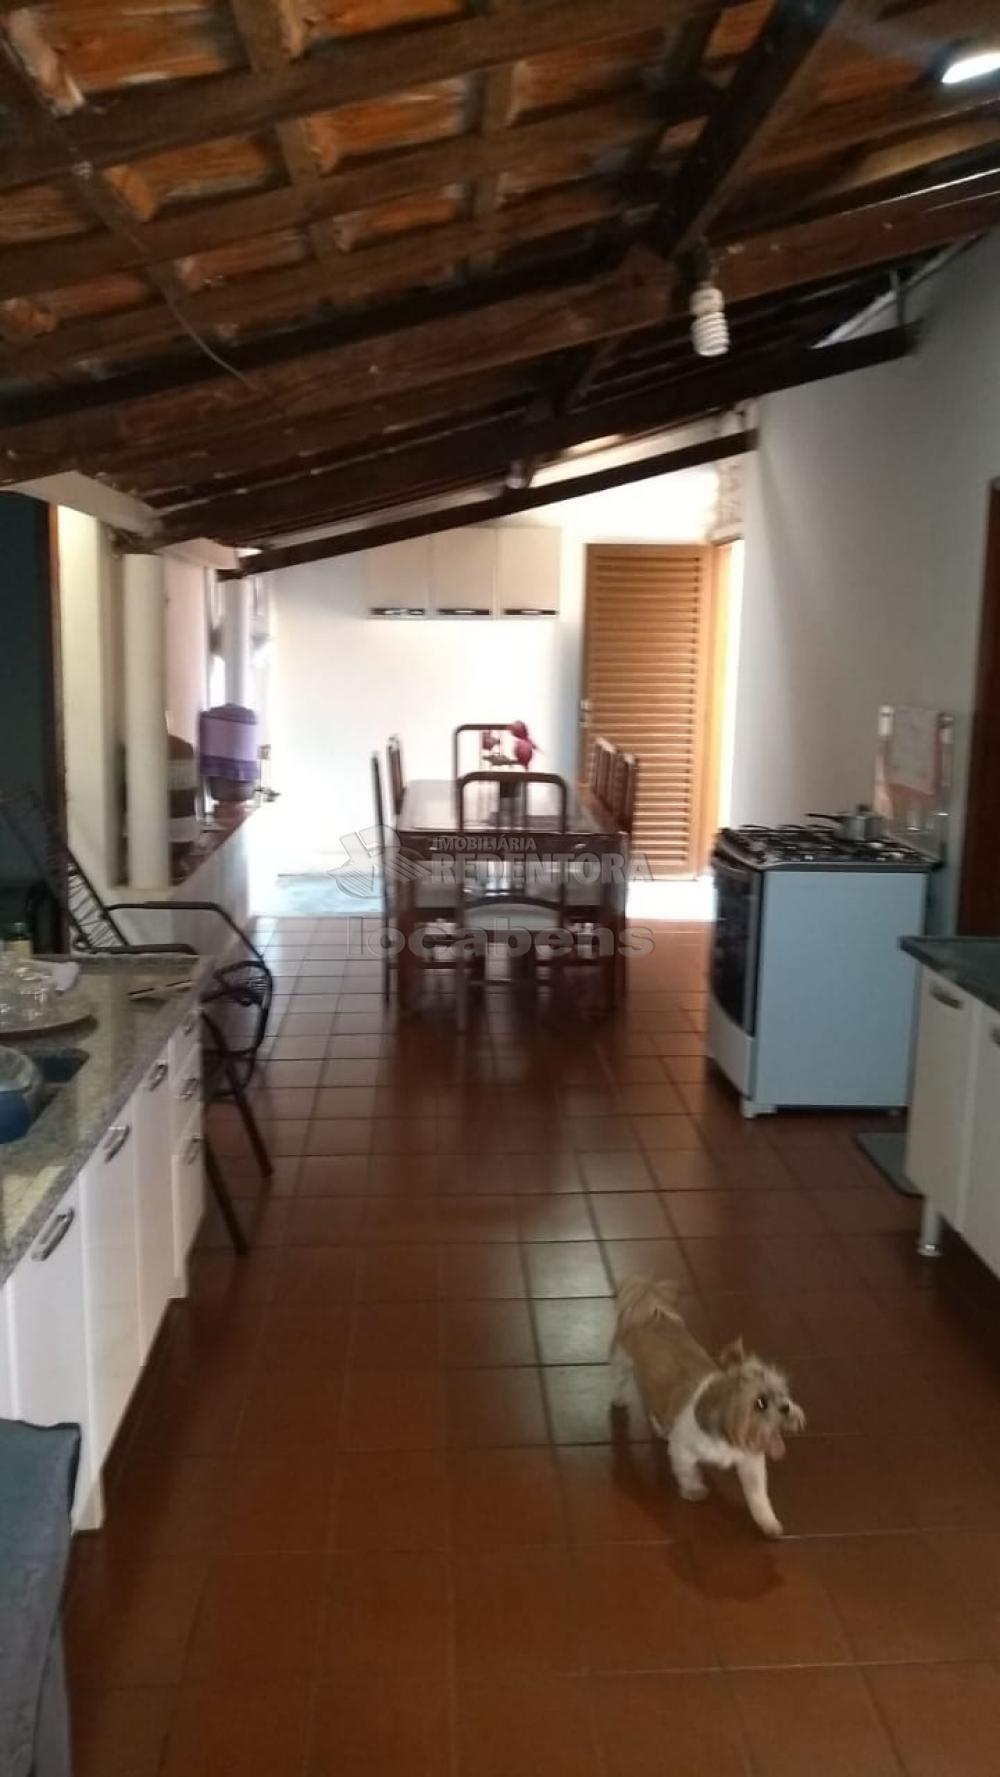 Comprar Casa / Padrão em São José do Rio Preto apenas R$ 230.000,00 - Foto 2